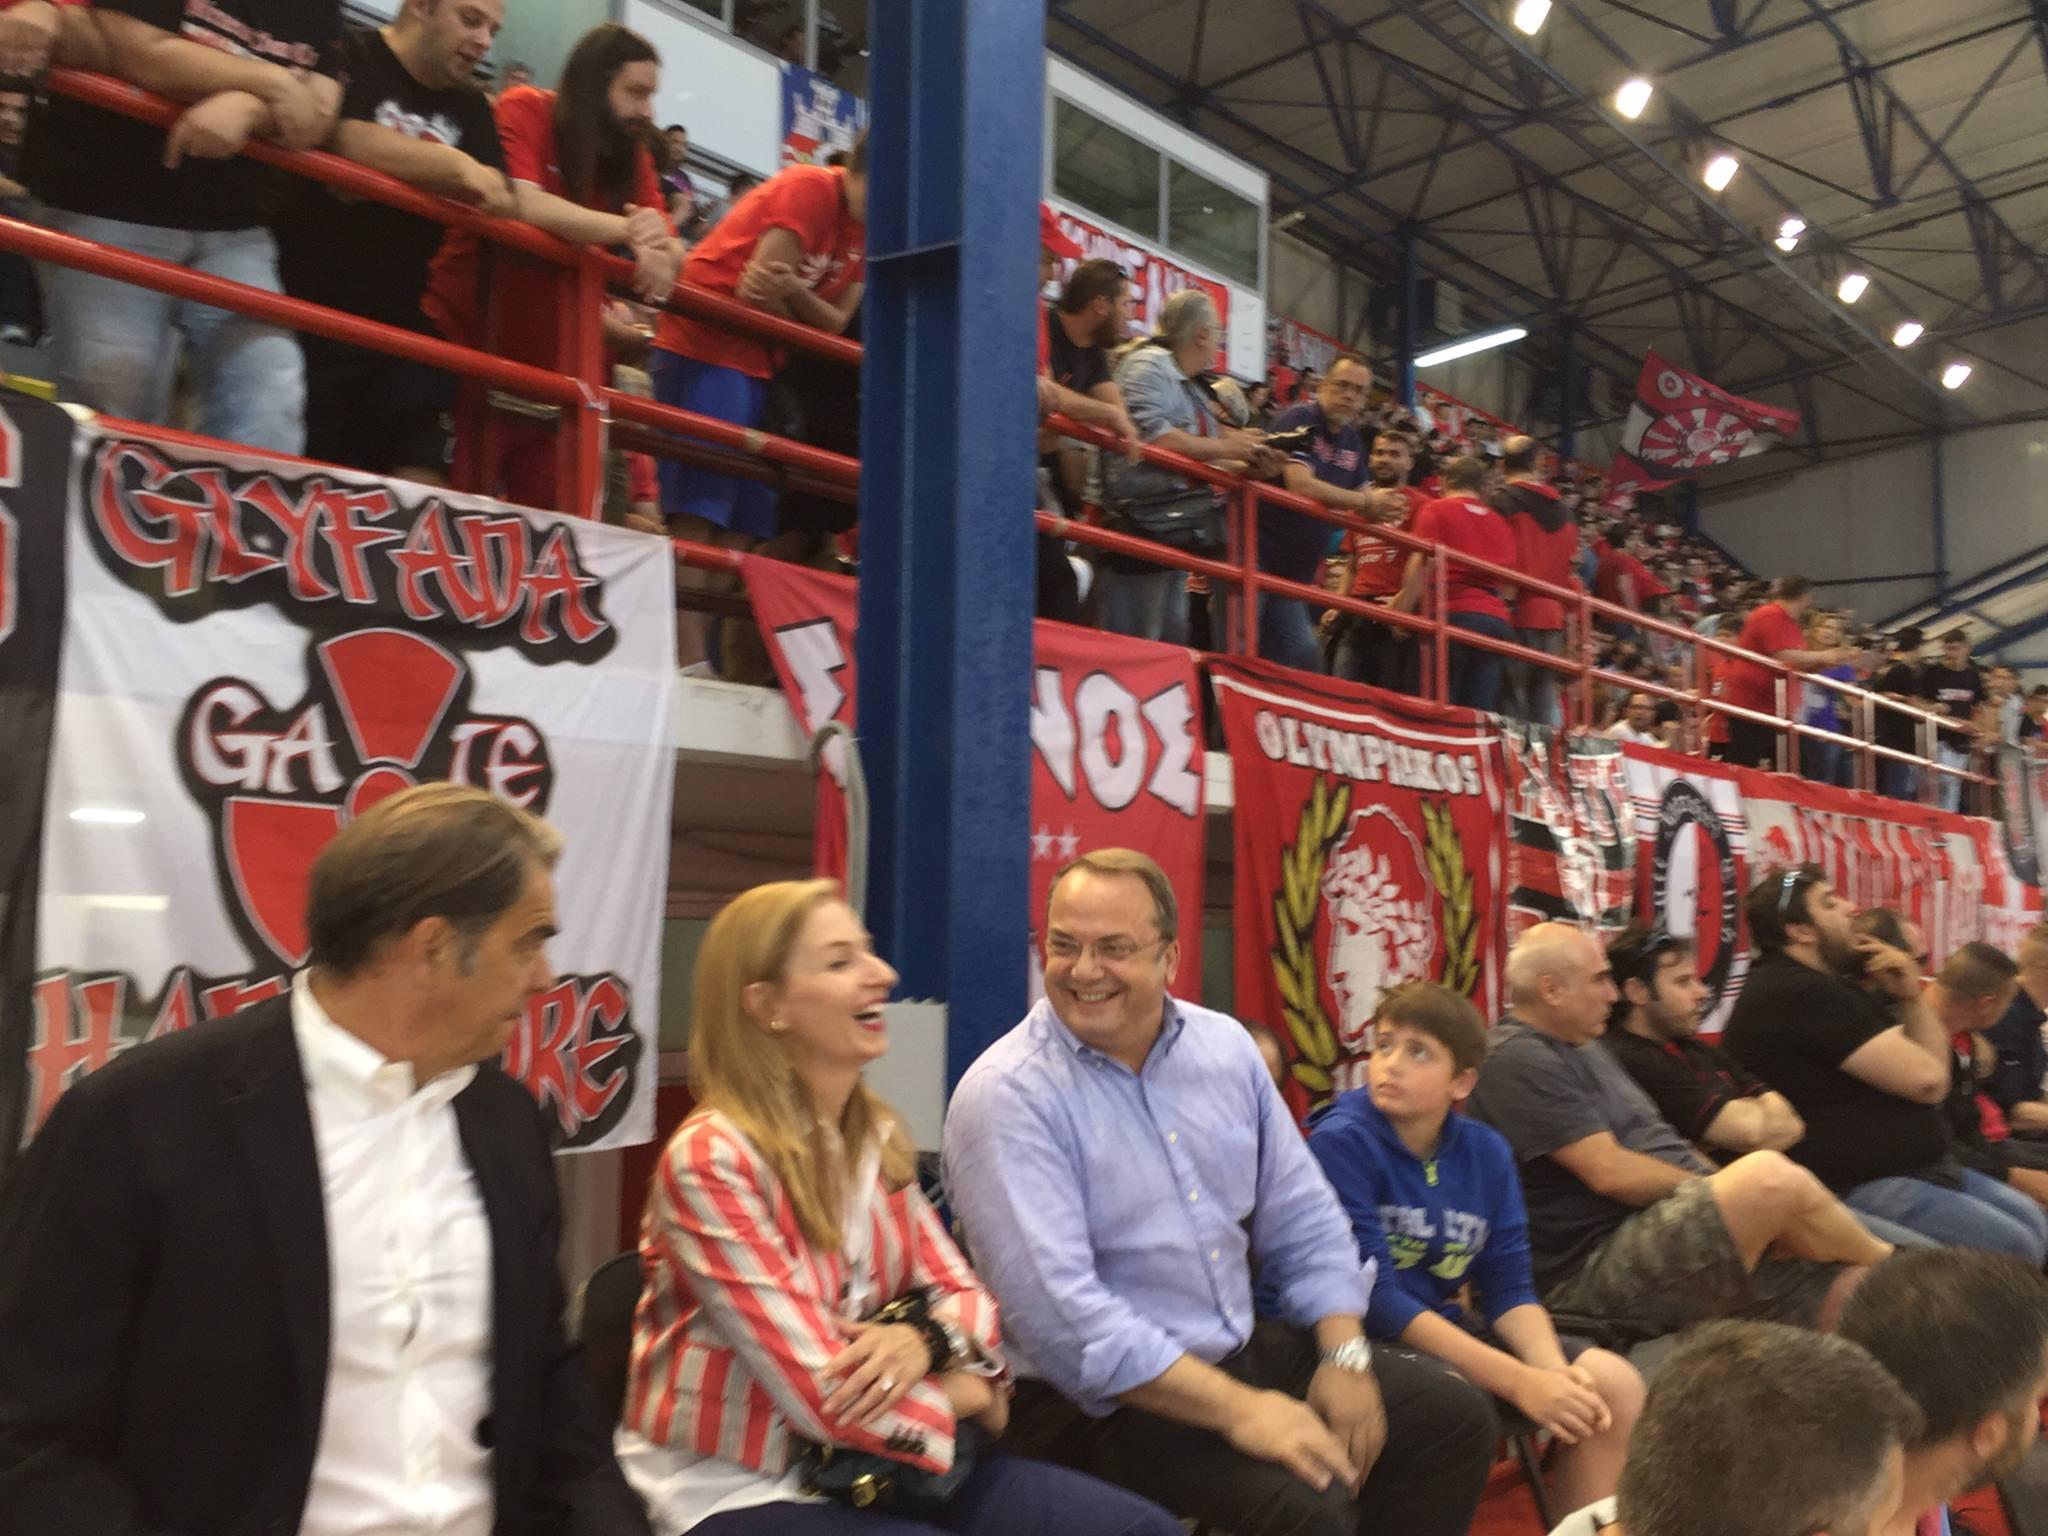 Ποια ομάδα υποστήριζε στον τελικό ΝΟΒ-ΟΣΦΠ ο Δήμαρχος;